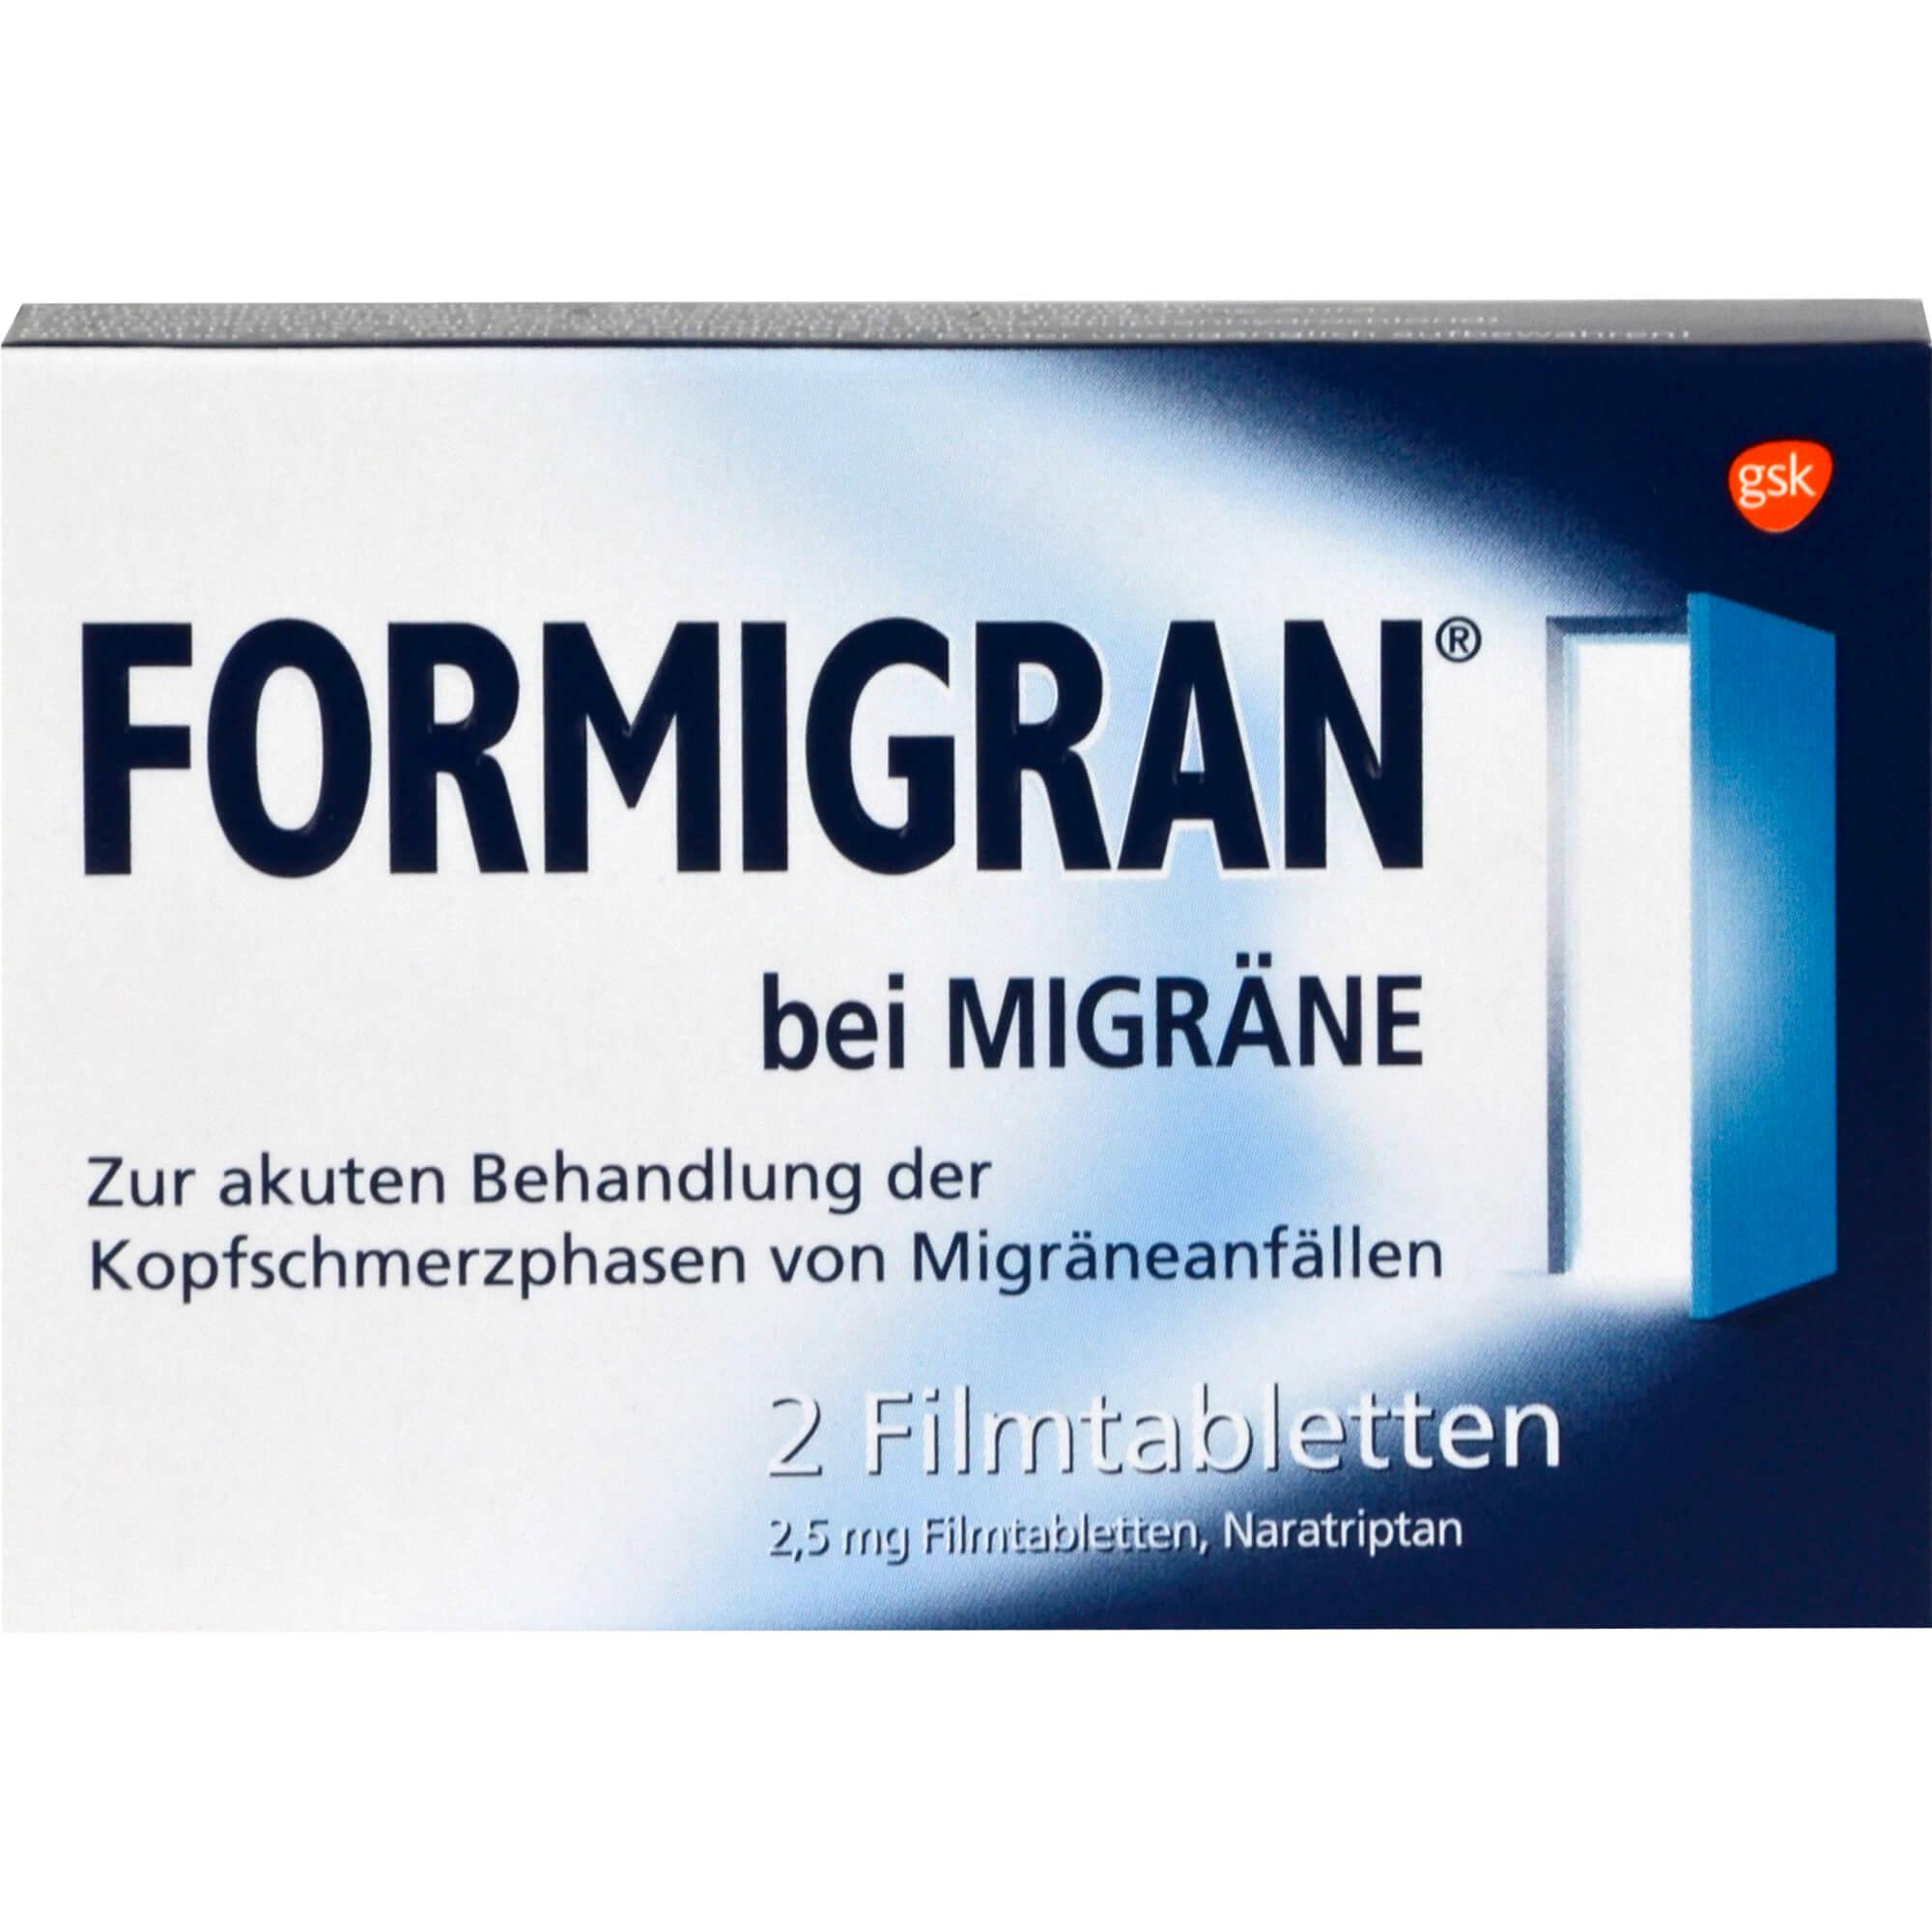 FORMIGRAN-Filmtabletten